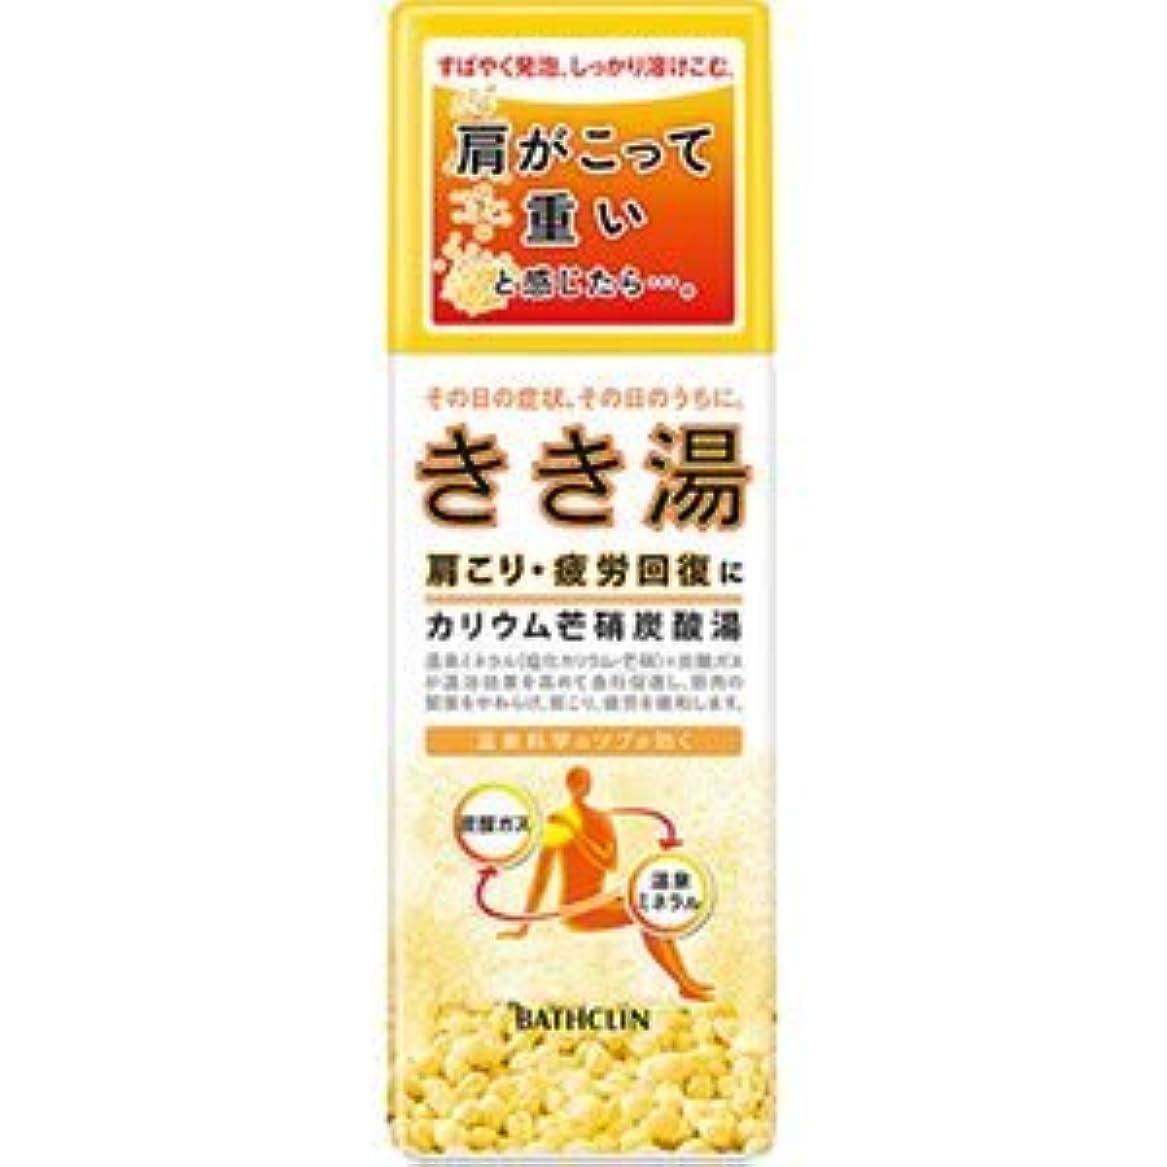 ワイド入場料エール(バスクリン)きき湯 カリウム芒哨炭酸湯 360g(お買い得3個セット)(医薬部外品)